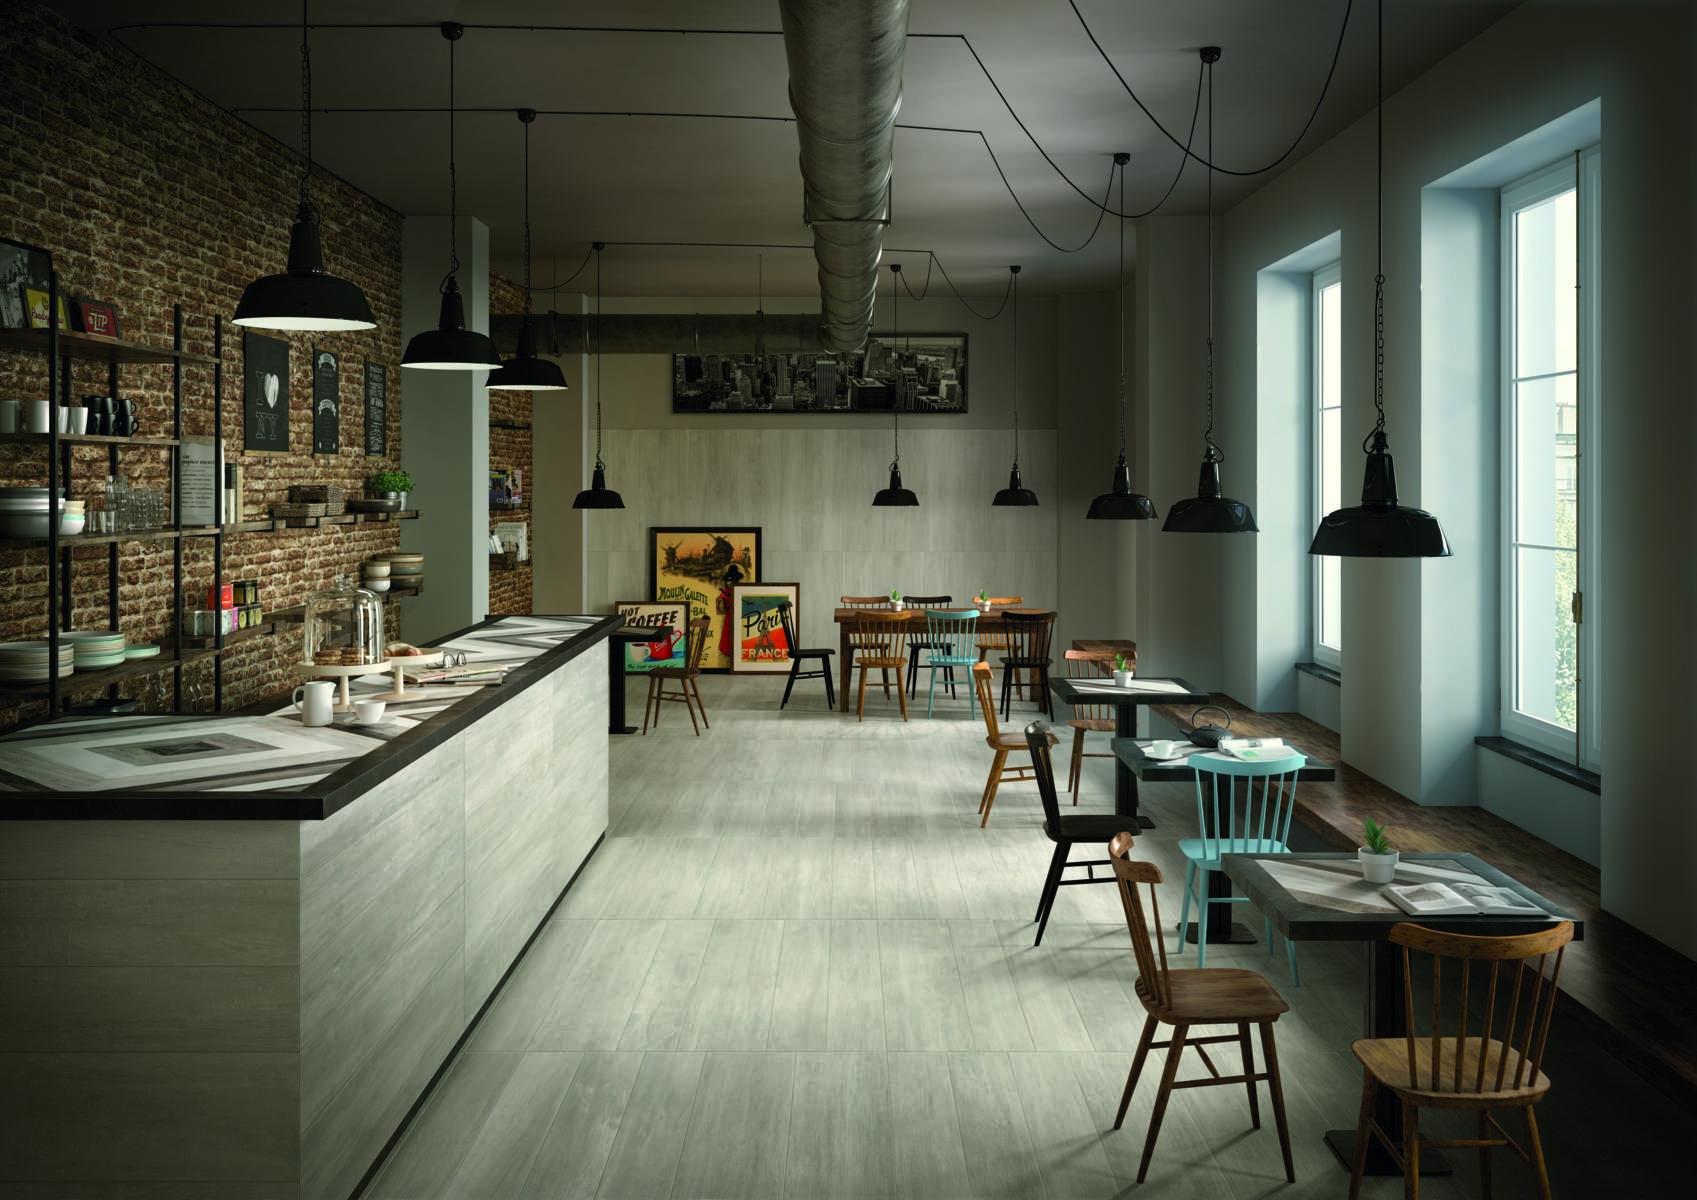 caesar_vibe_ristorante_OK